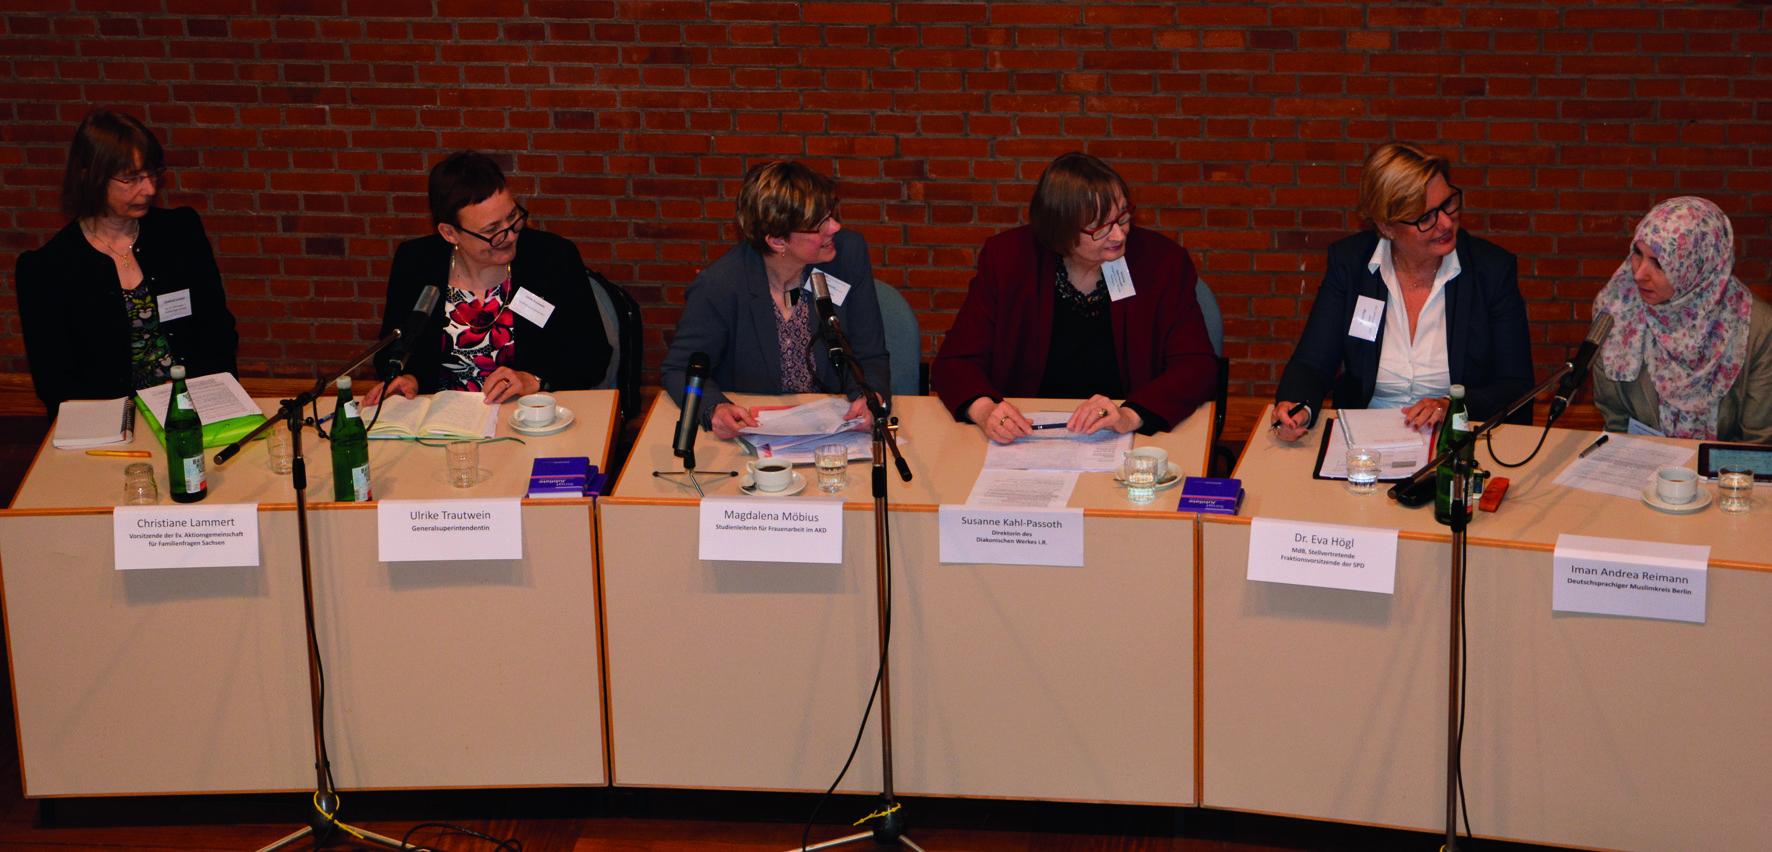 Podium1_Ev_Frauenversammlung-CMYK